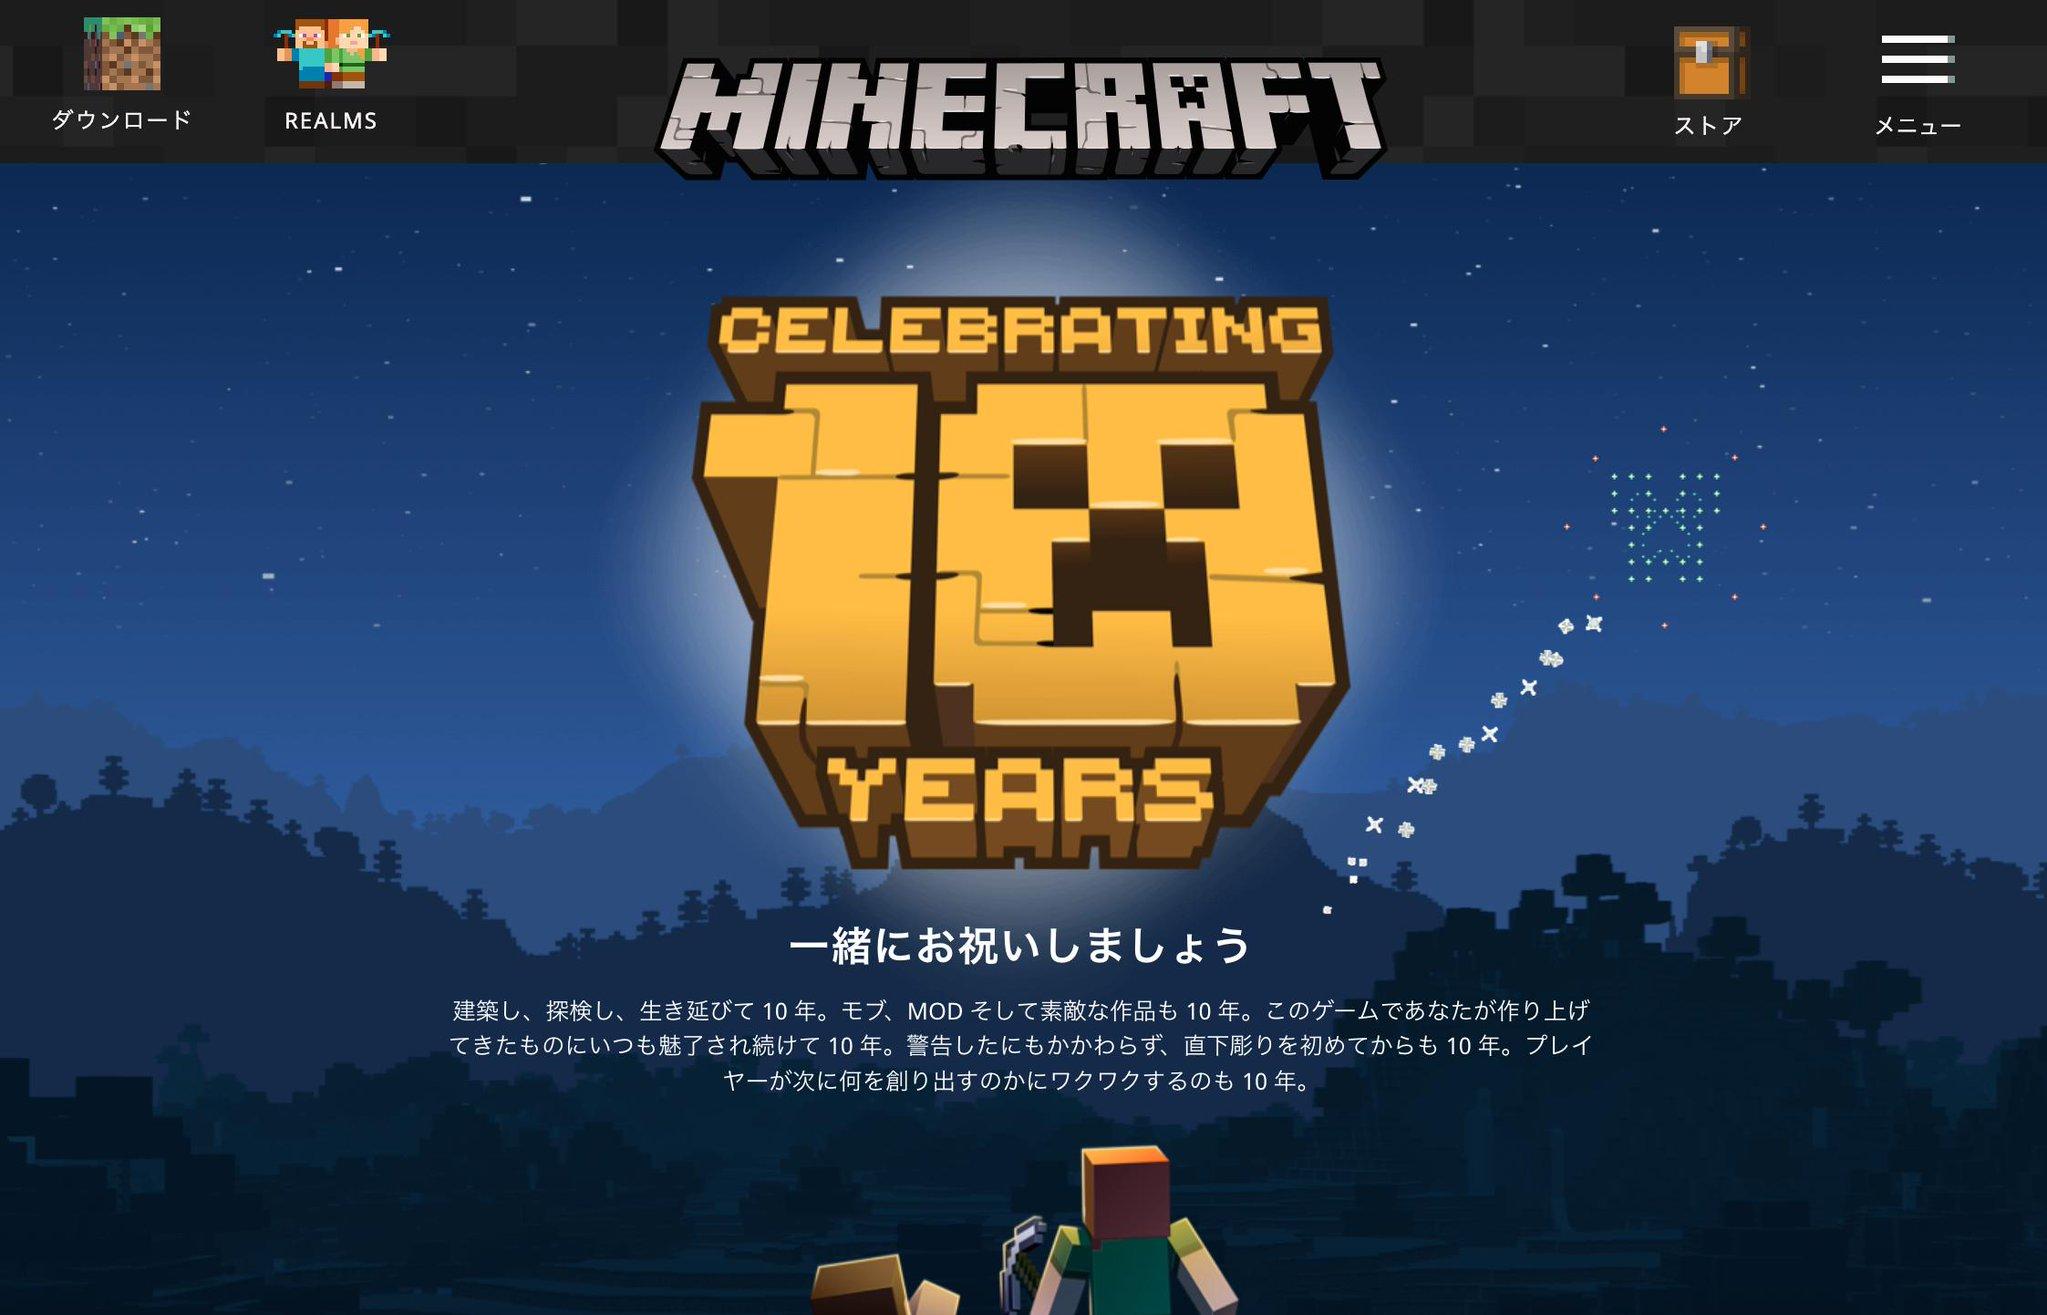 「建築し、探検し、生き延びて 10 年。モブ、MOD そして素敵な作品も 10 年。このゲームであなたが作り上げてきたものにいつも魅了され続けて 10 年。警告したにもかかわらず、直下彫りを初めてからも 10 年」  10 周年 | Minecraft https://t.co/BdjH5EDVLT https://t.co/dZjxNw4dvj